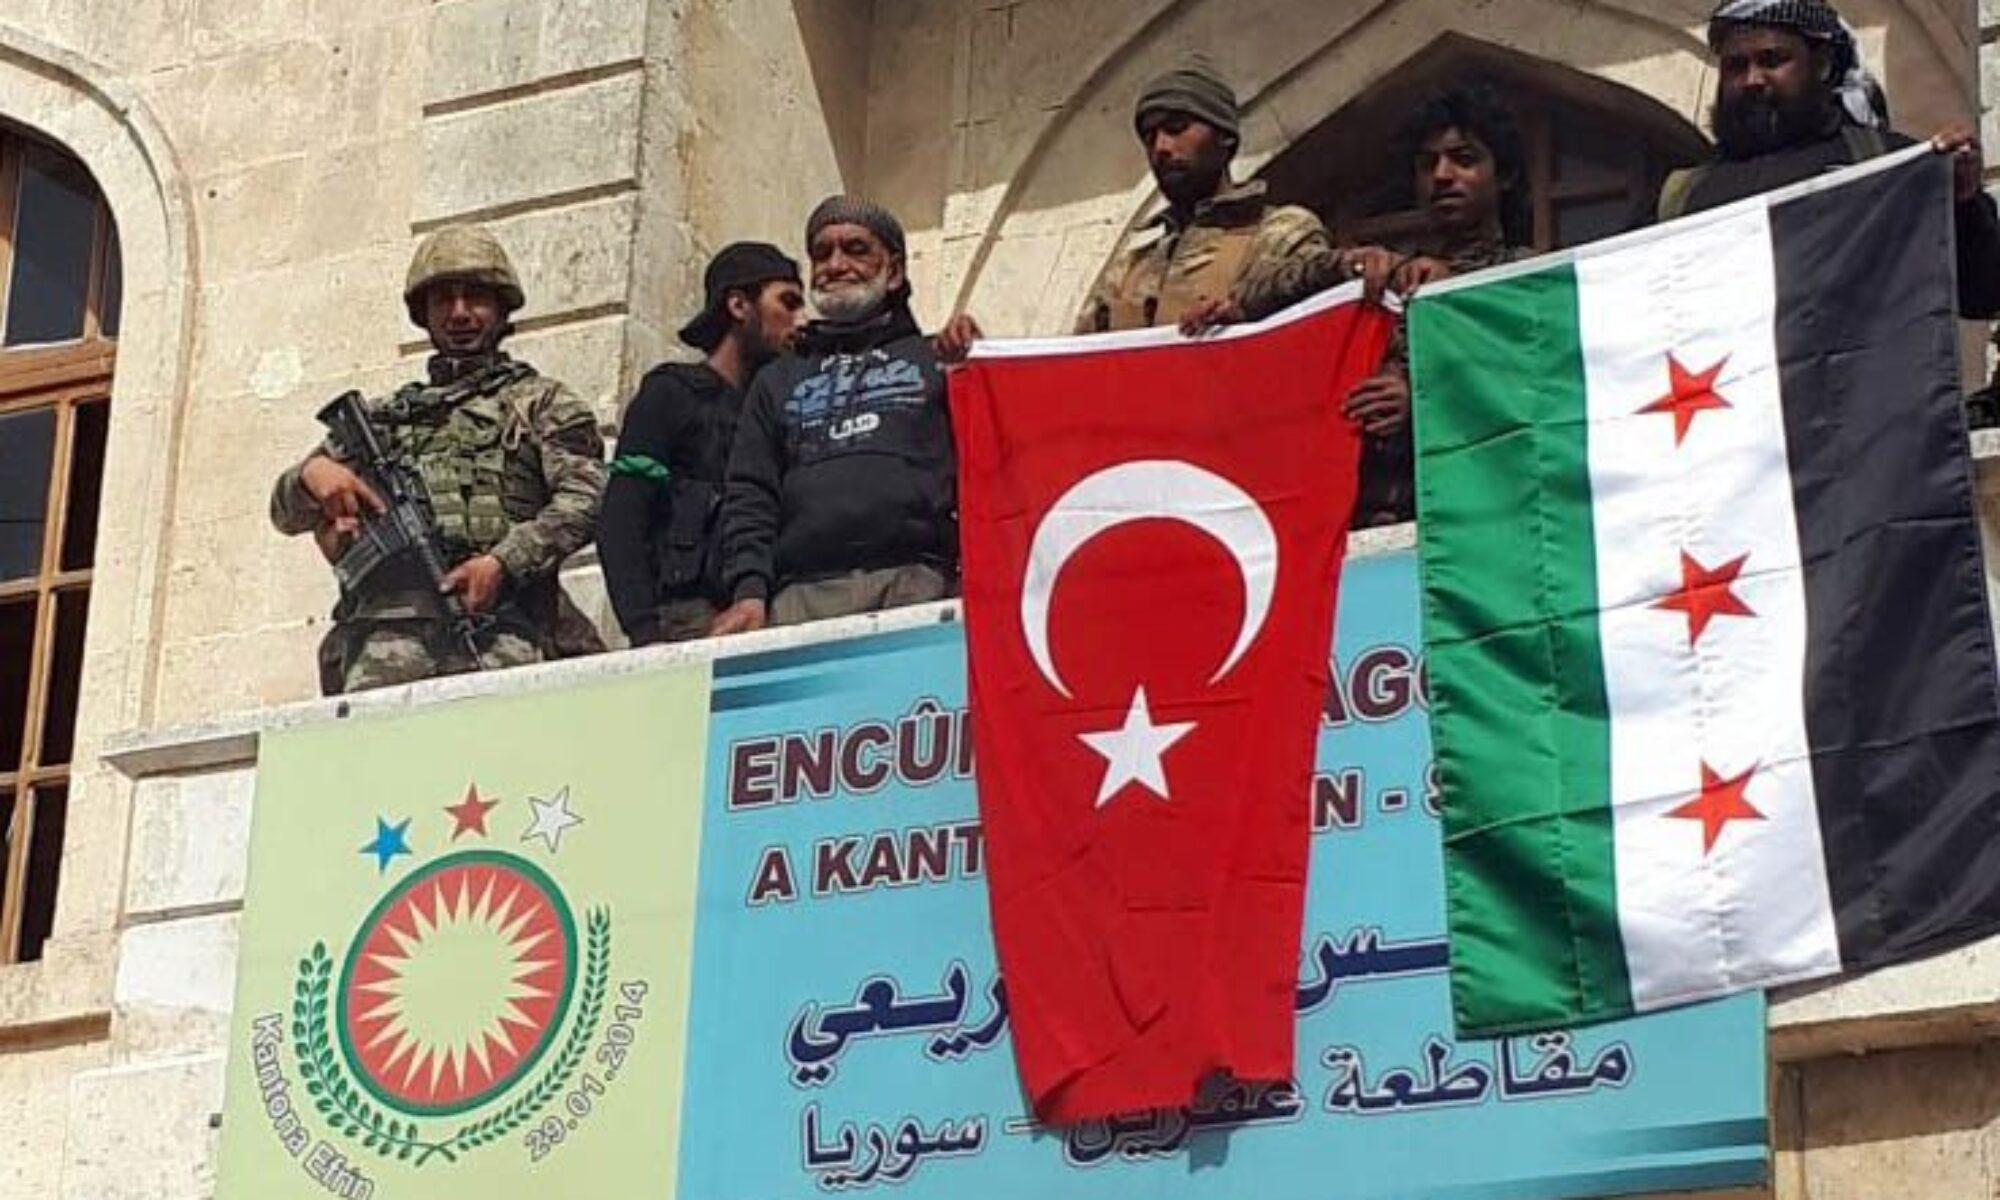 """Türkiye'ye bağlı çetelerin zulmü bitmiyor: El koydukları topraklar için işkence ile """"bağış sözleşmesi"""" imzalatıyorlar"""